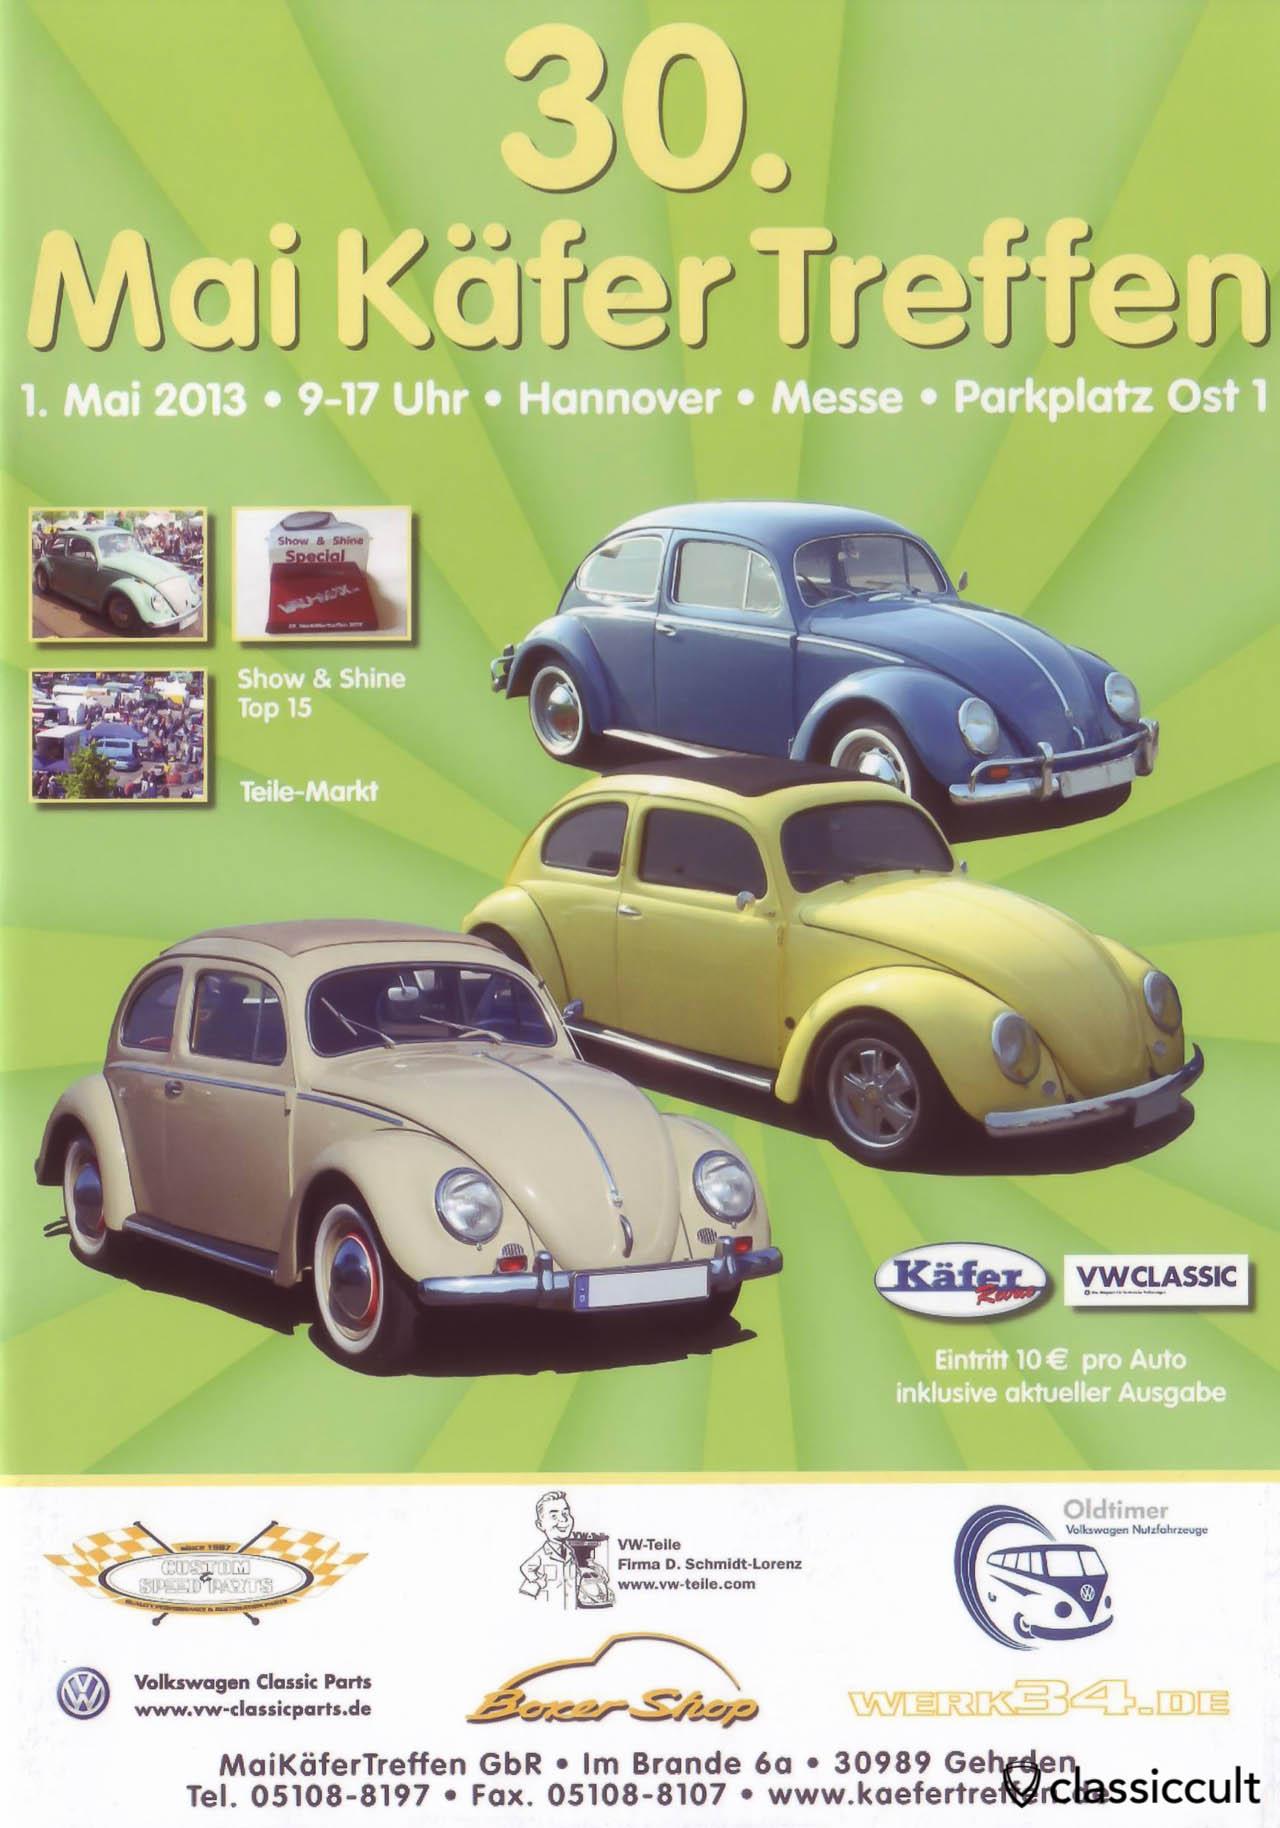 30. Maikäfertreffen 2013 in Hannover Flyer